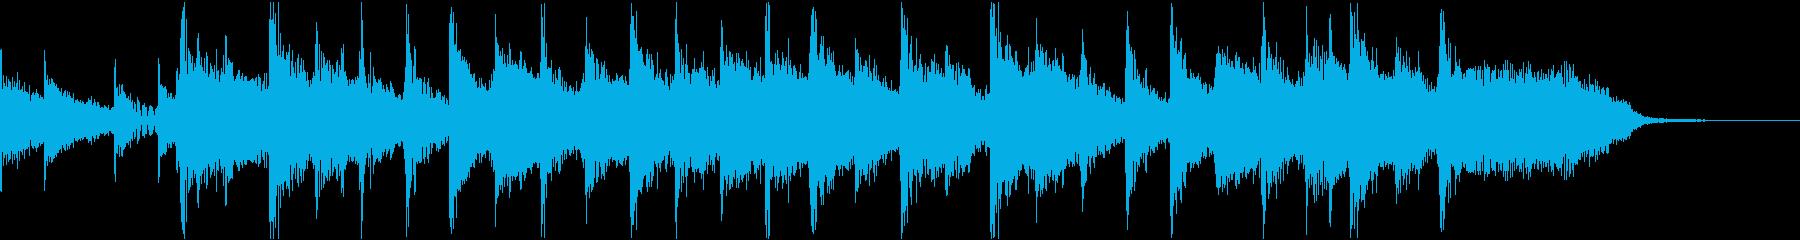 コーナータイトル ニューウェーブの再生済みの波形